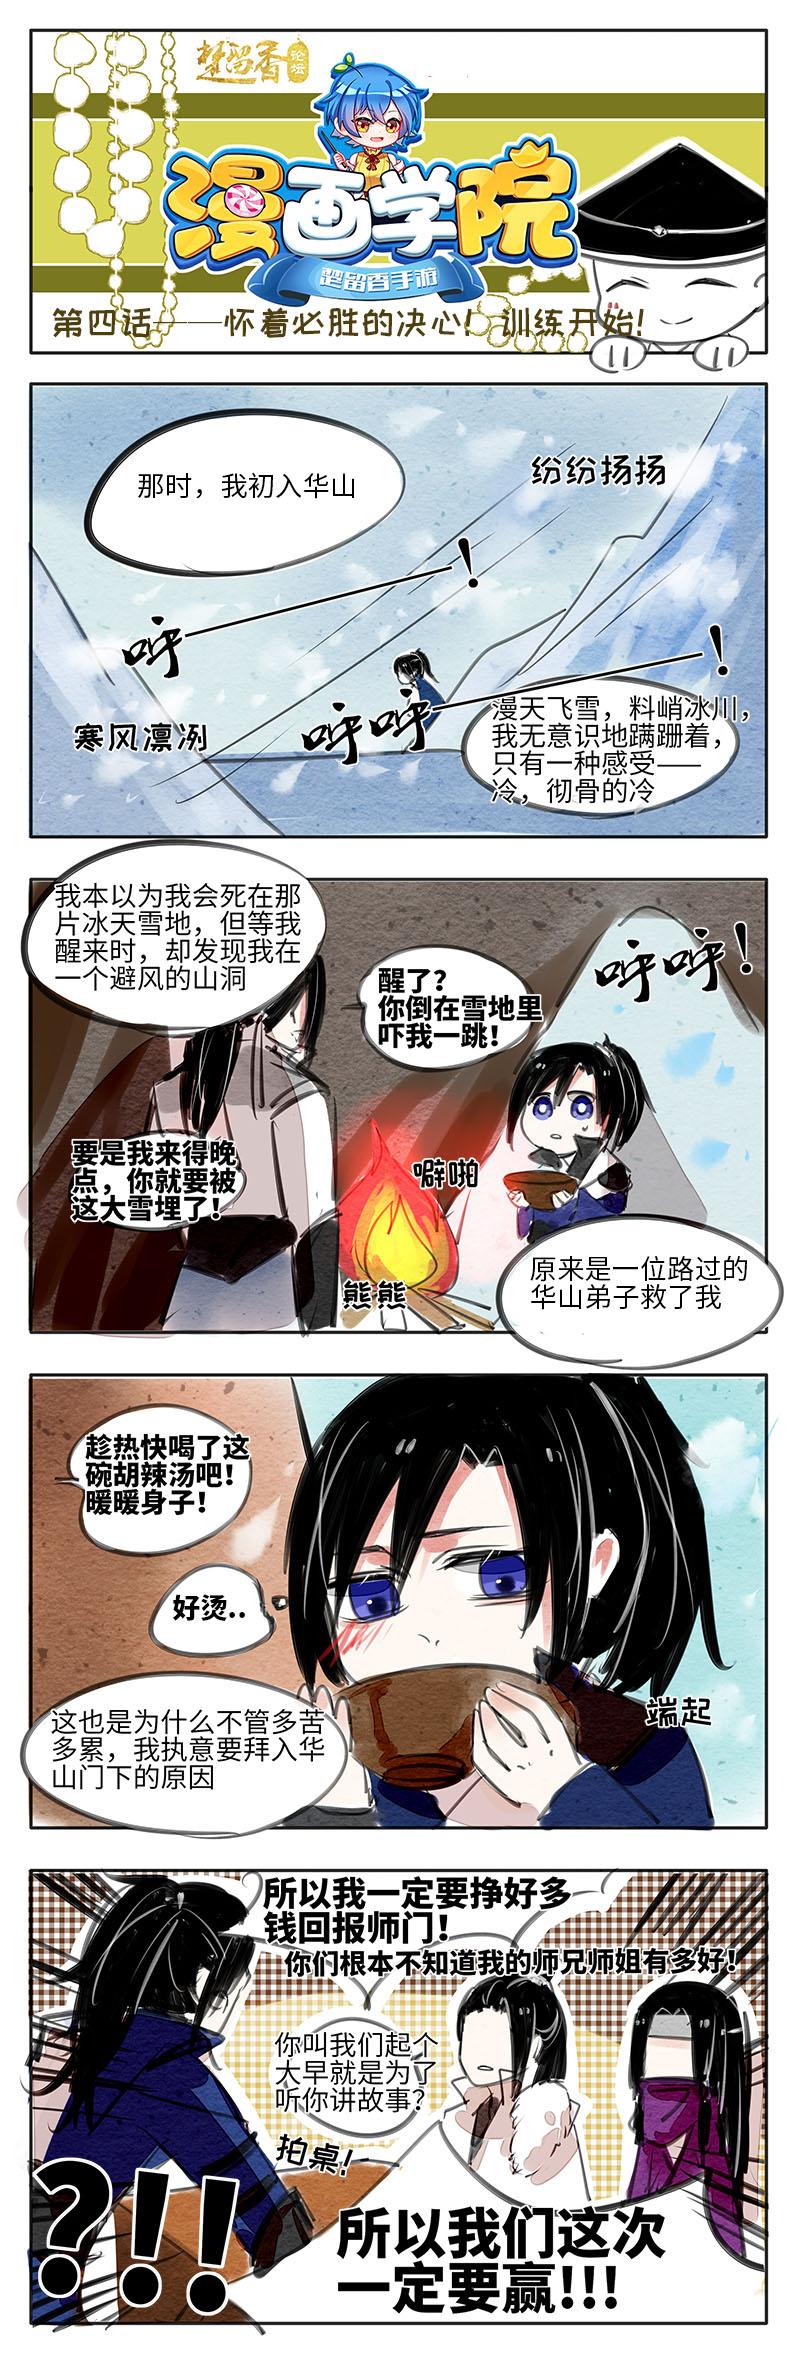 【原创作者联盟】【漫画学院】出道吧!一梦江湖!(第四话)(共9P)